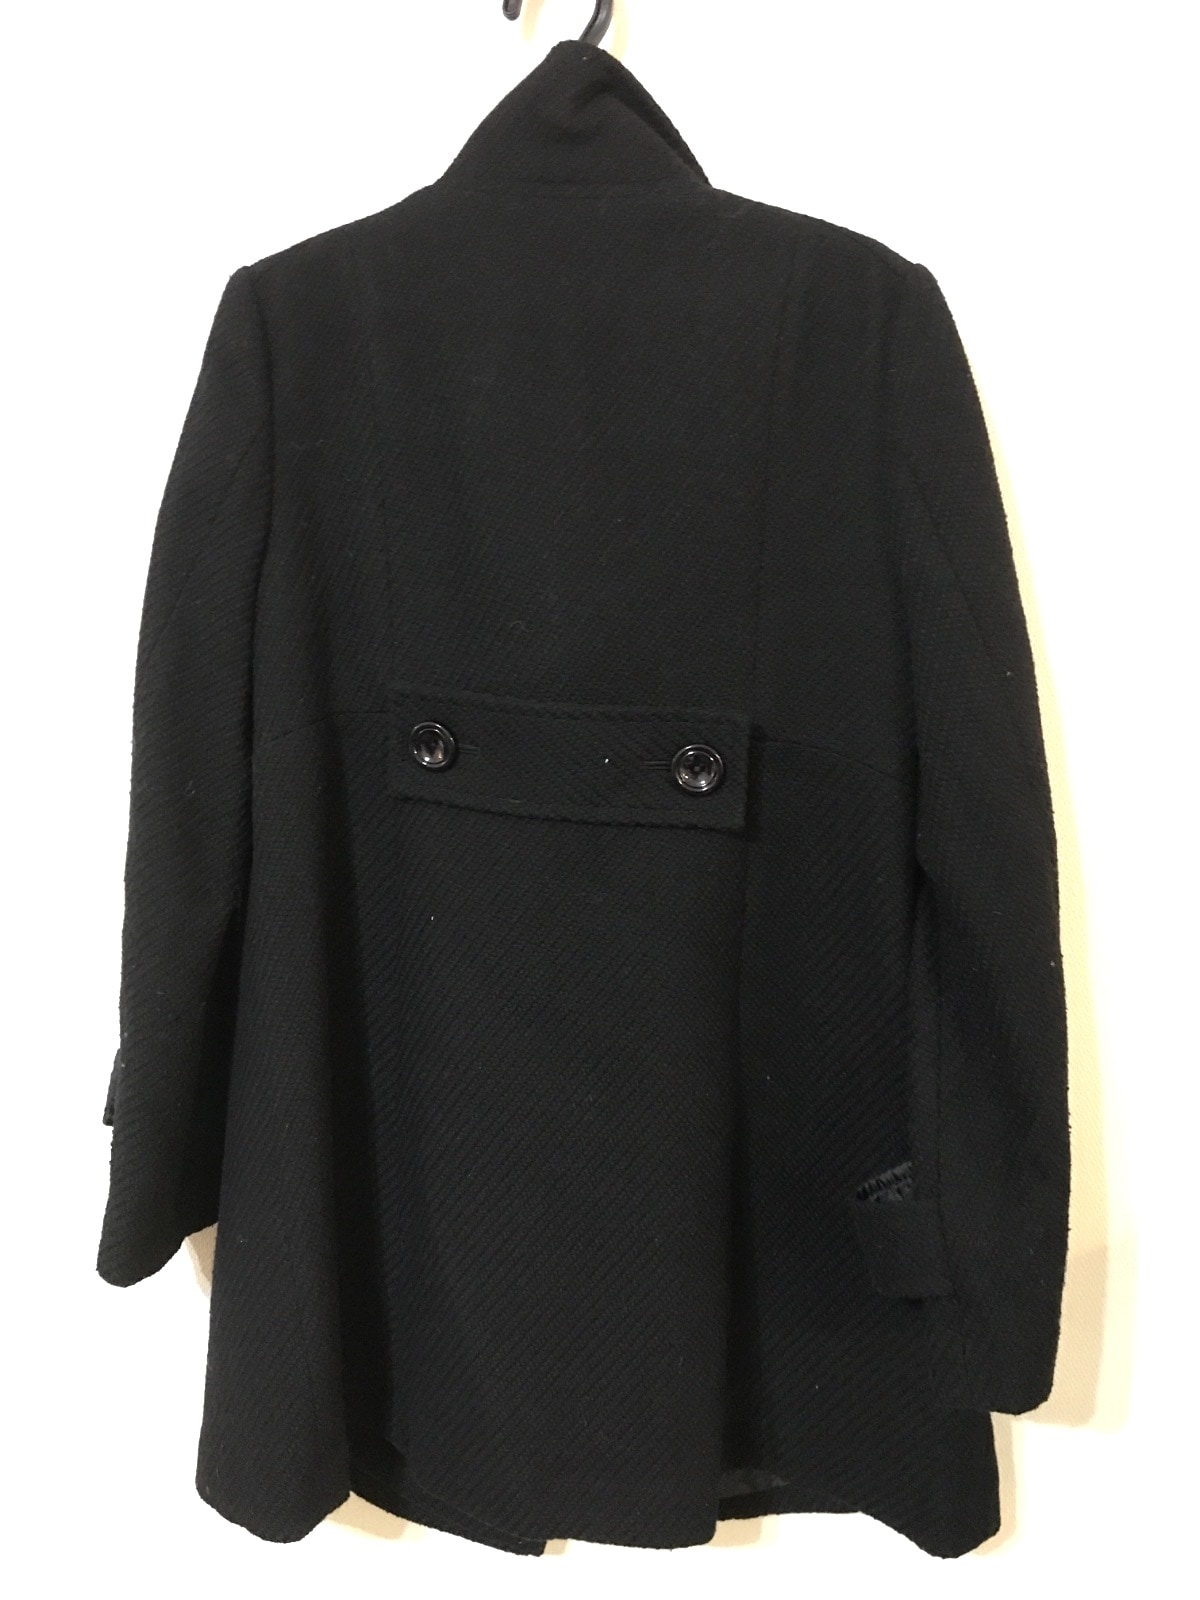 KLEIN PLUS(クランプリュス)のコート